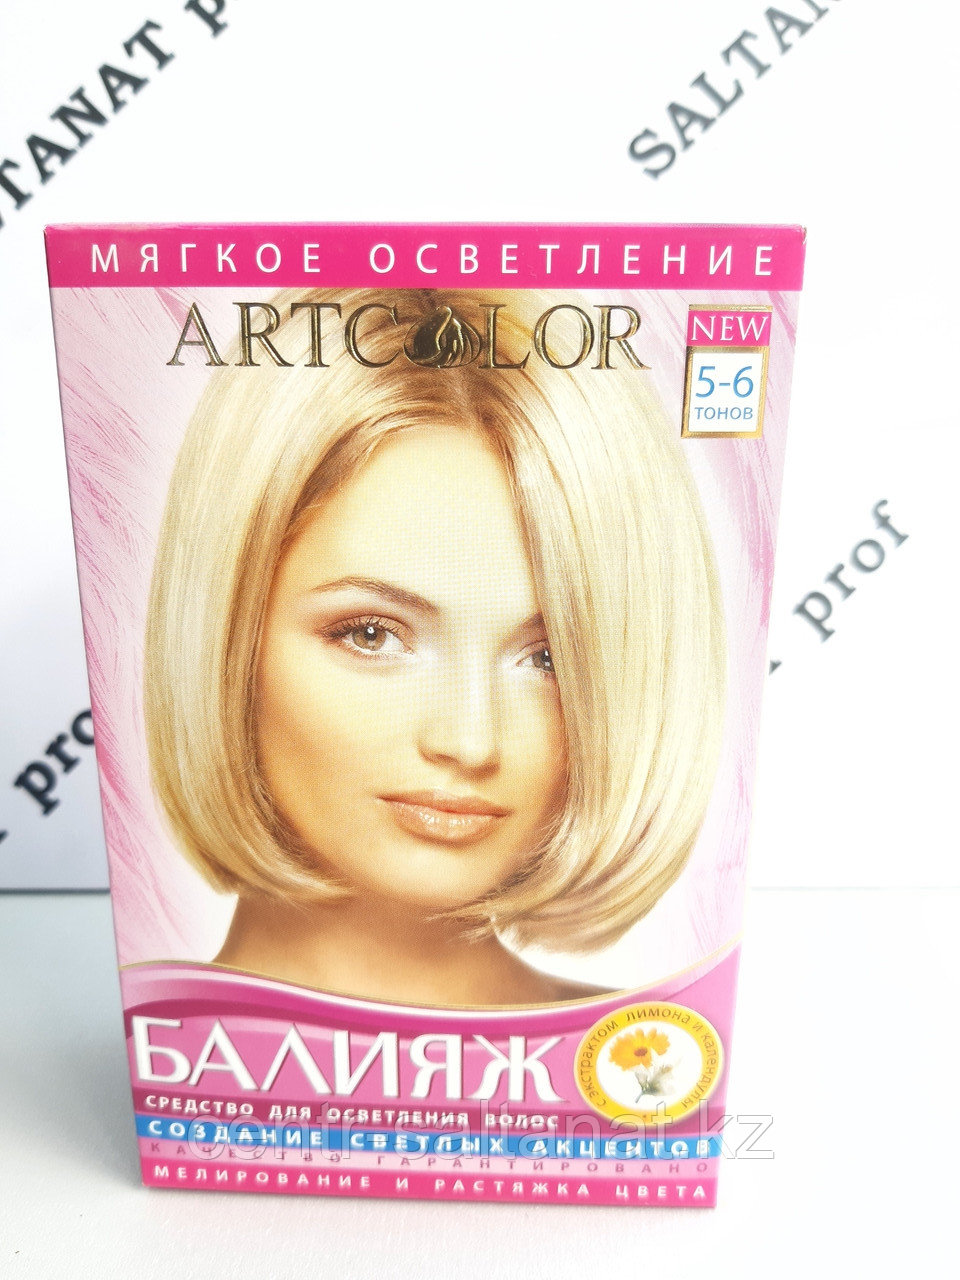 Балияж осветитель для волос 5-6 тонов